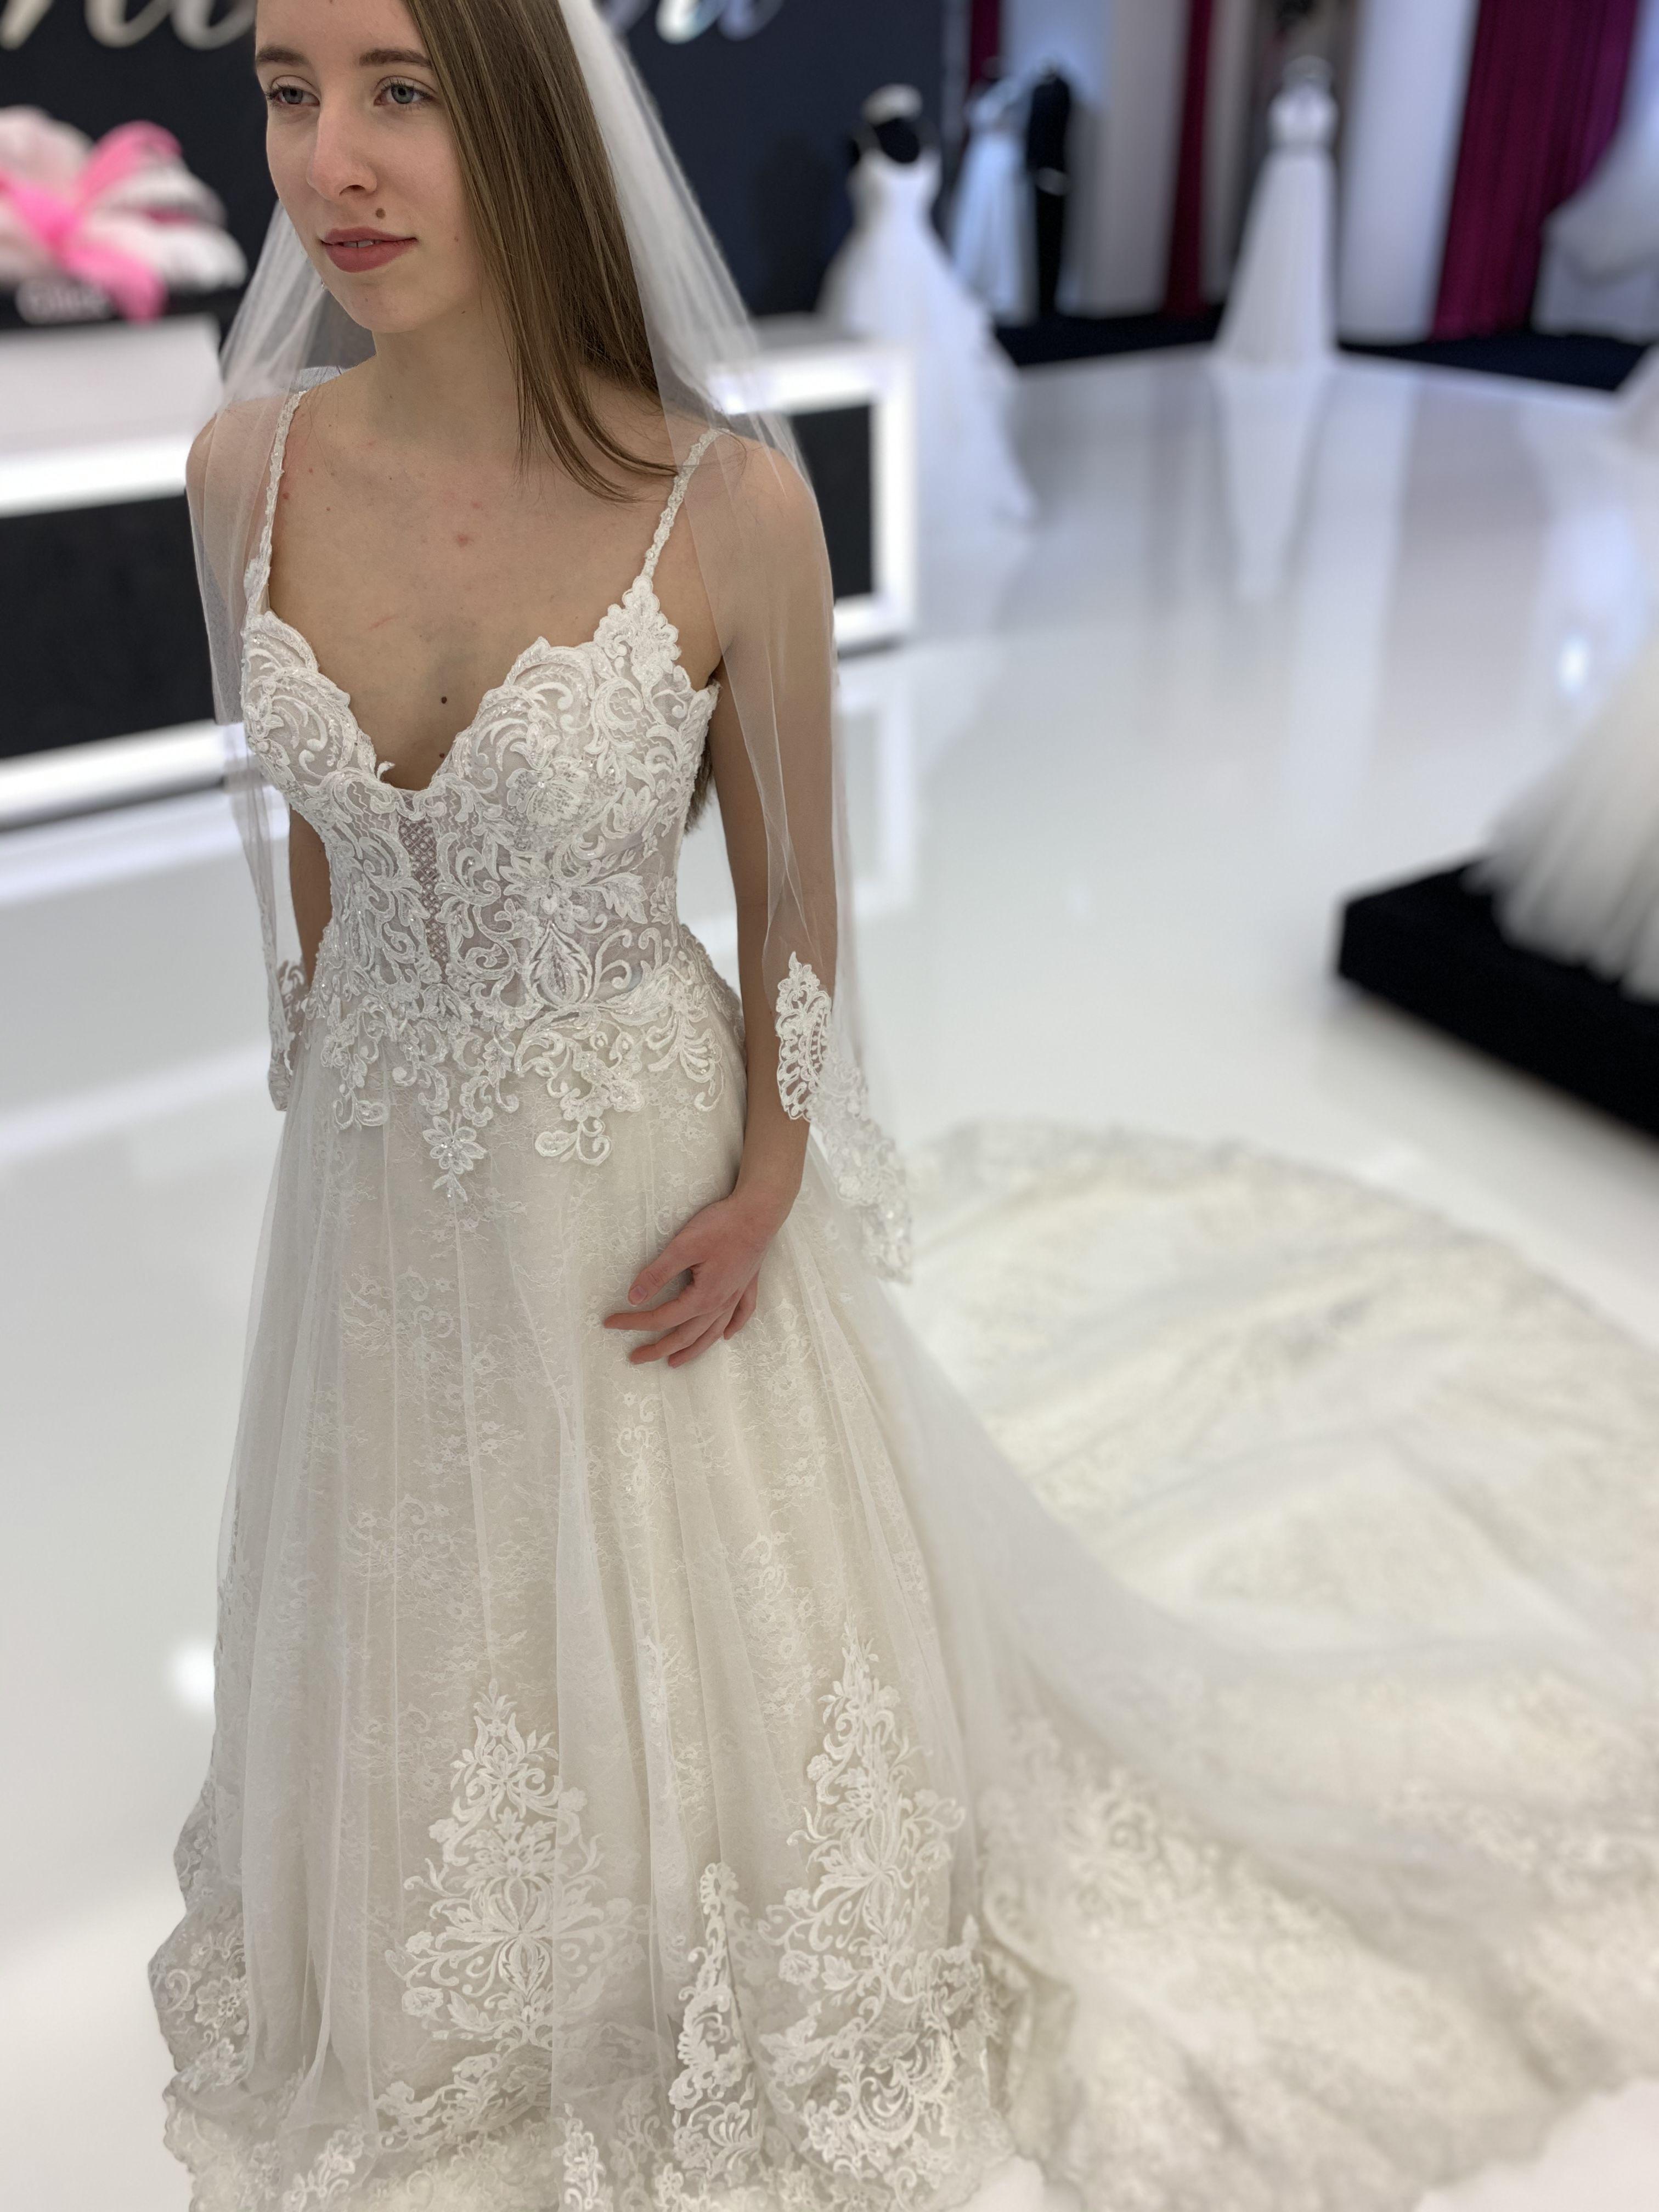 Unser Kleid Der Woche In 2020 Kleid Hochzeit Kleider Hochzeitskleid Spitze